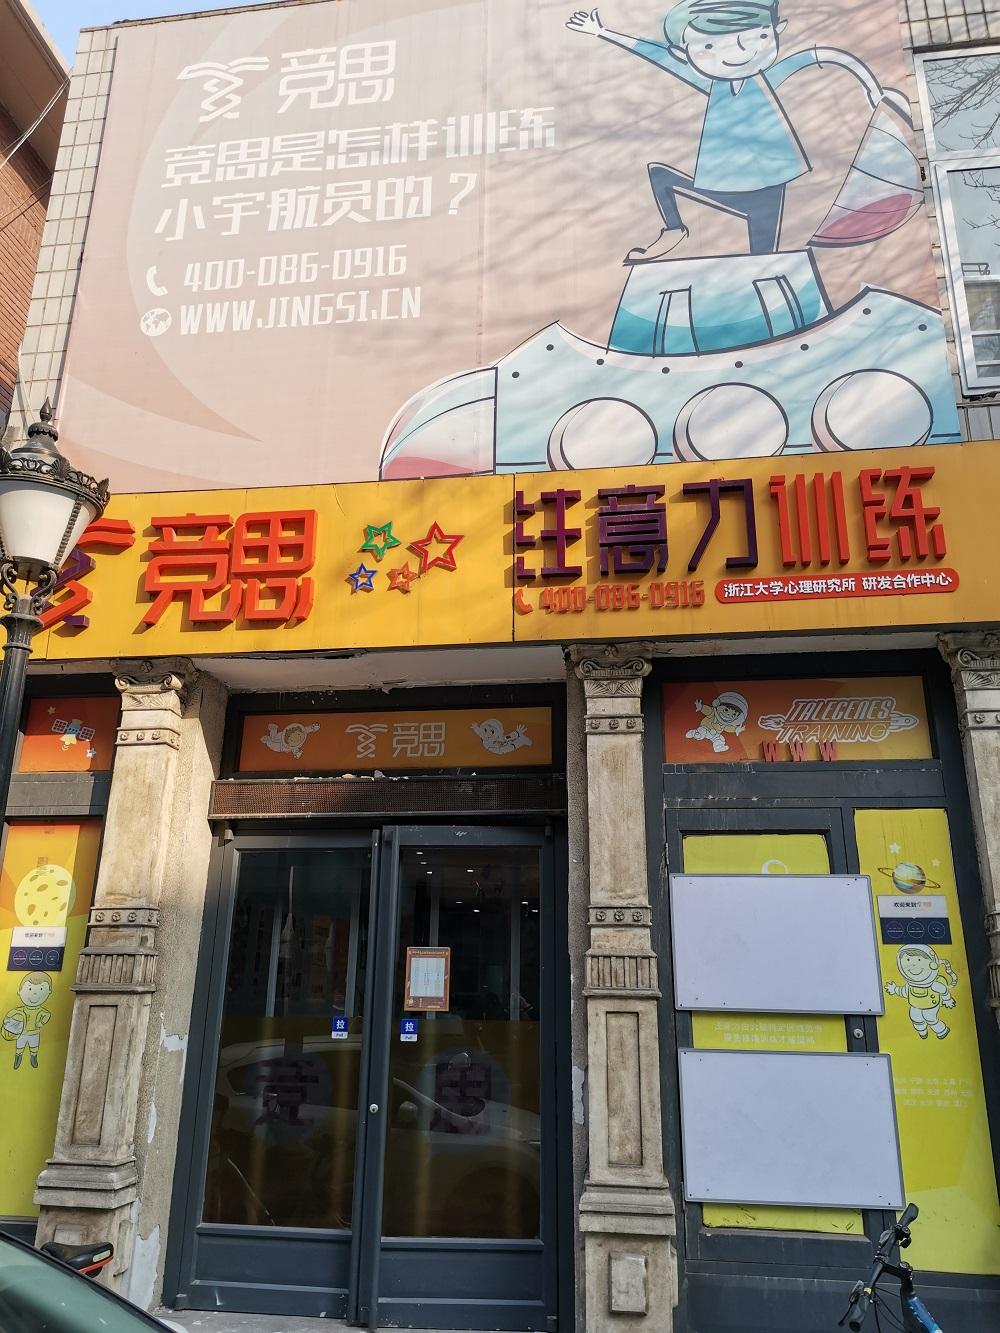 天津竞思教育小白楼中心